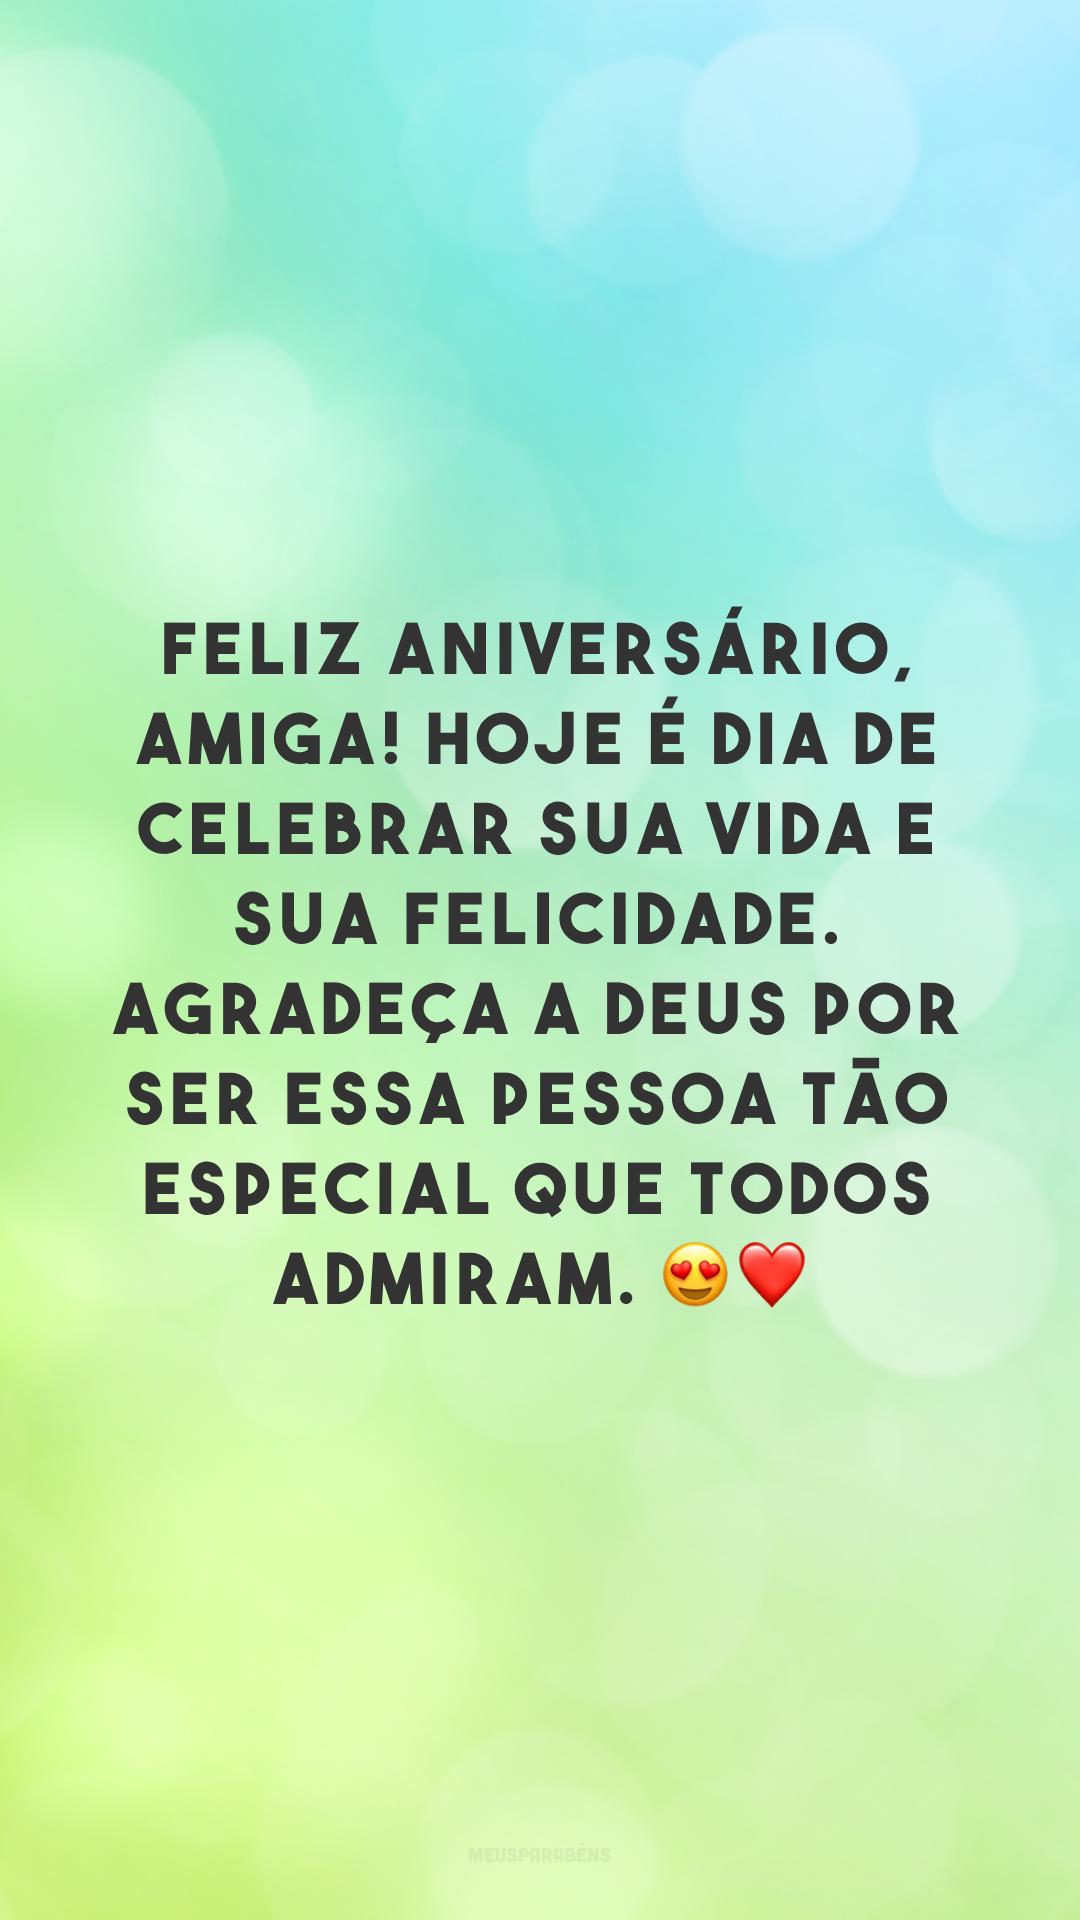 Feliz aniversário, amiga! Hoje é dia de celebrar sua vida e sua felicidade. Agradeça a Deus por ser essa pessoa tão especial que todos admiram. 😍❤